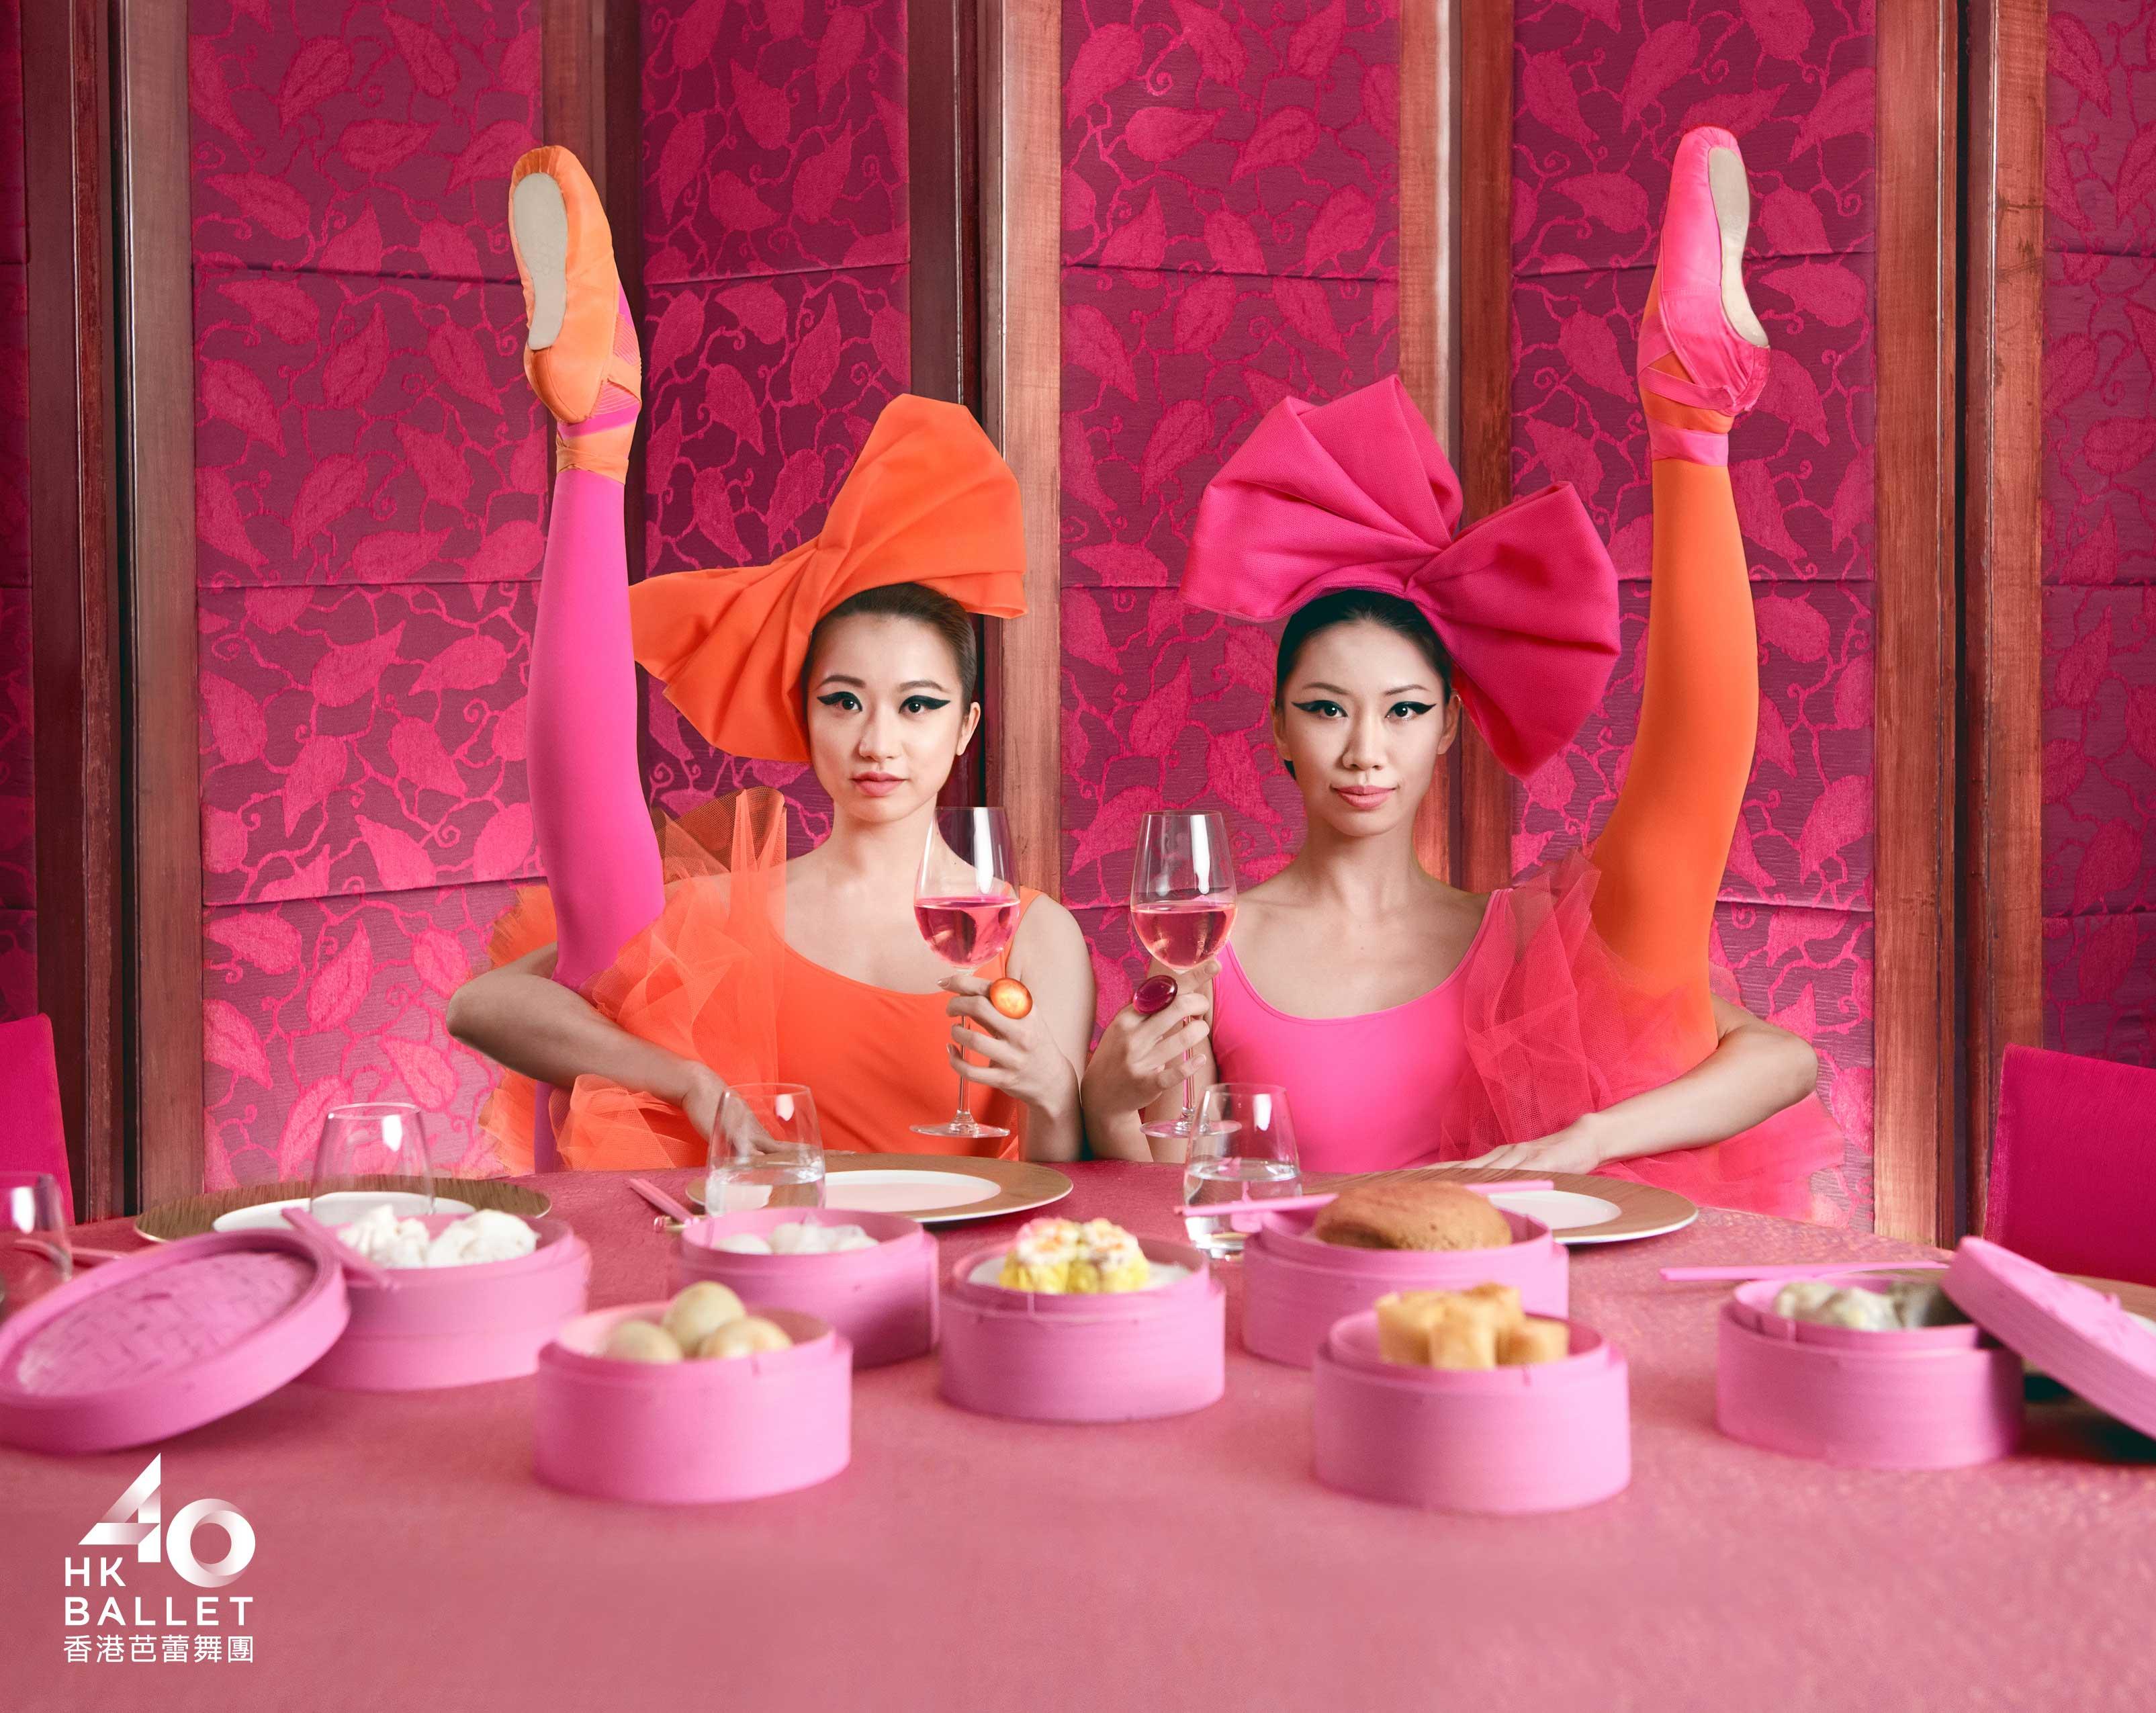 Cooles Video zu 40 Jahren Hong Kong Ballett 40-jahre-hong-kong-ballett_04